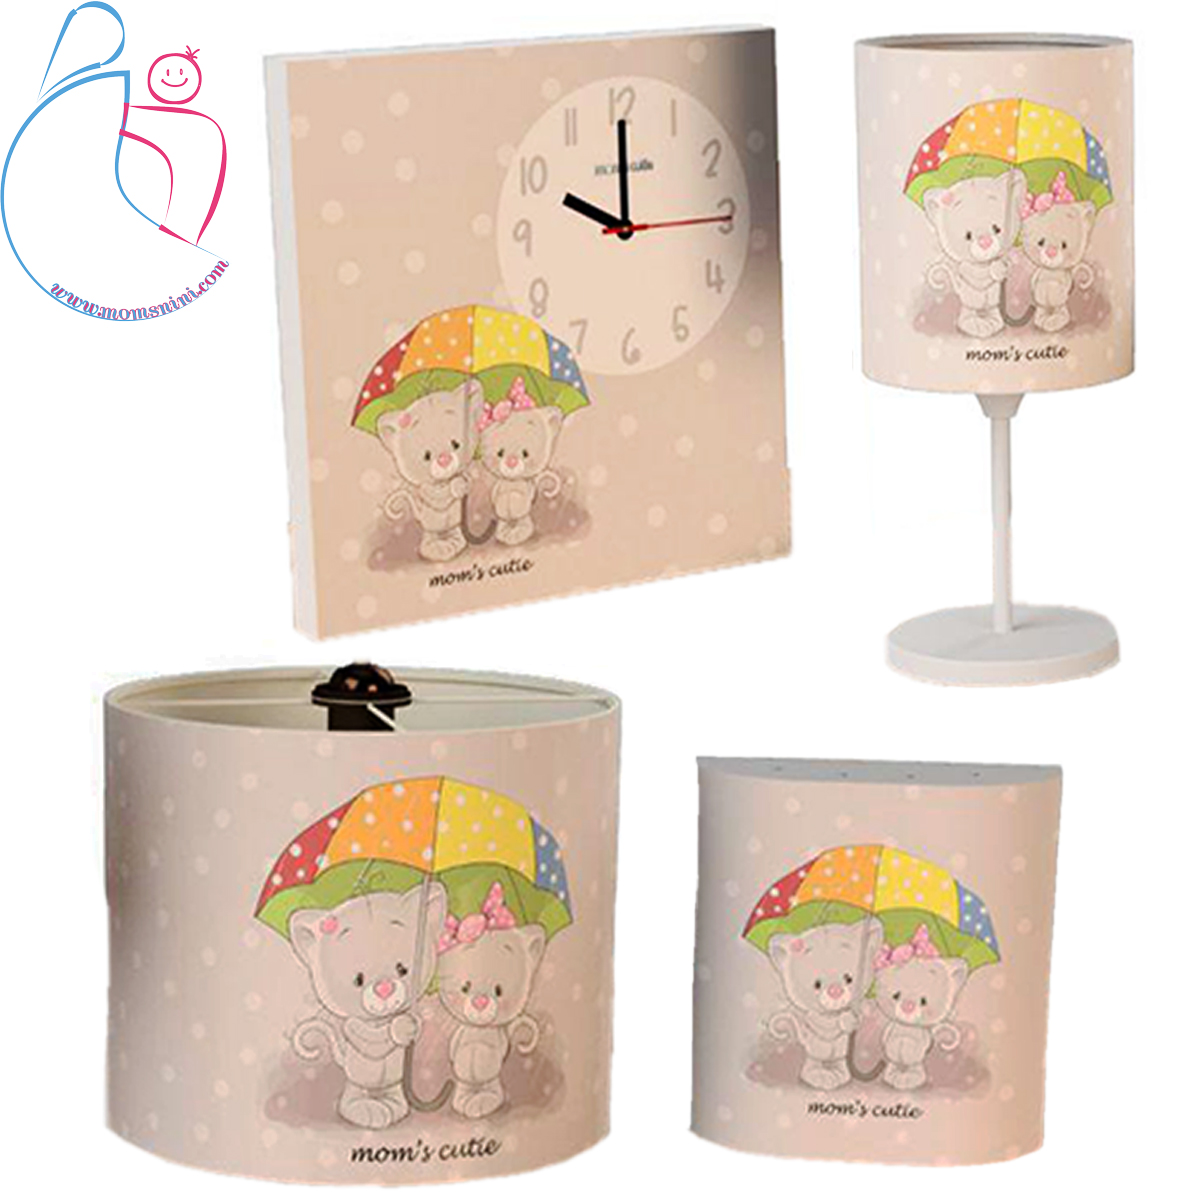 ست۴تکه ساعت دیواری و روشنایی اتاق کودک طرح گربه چتری